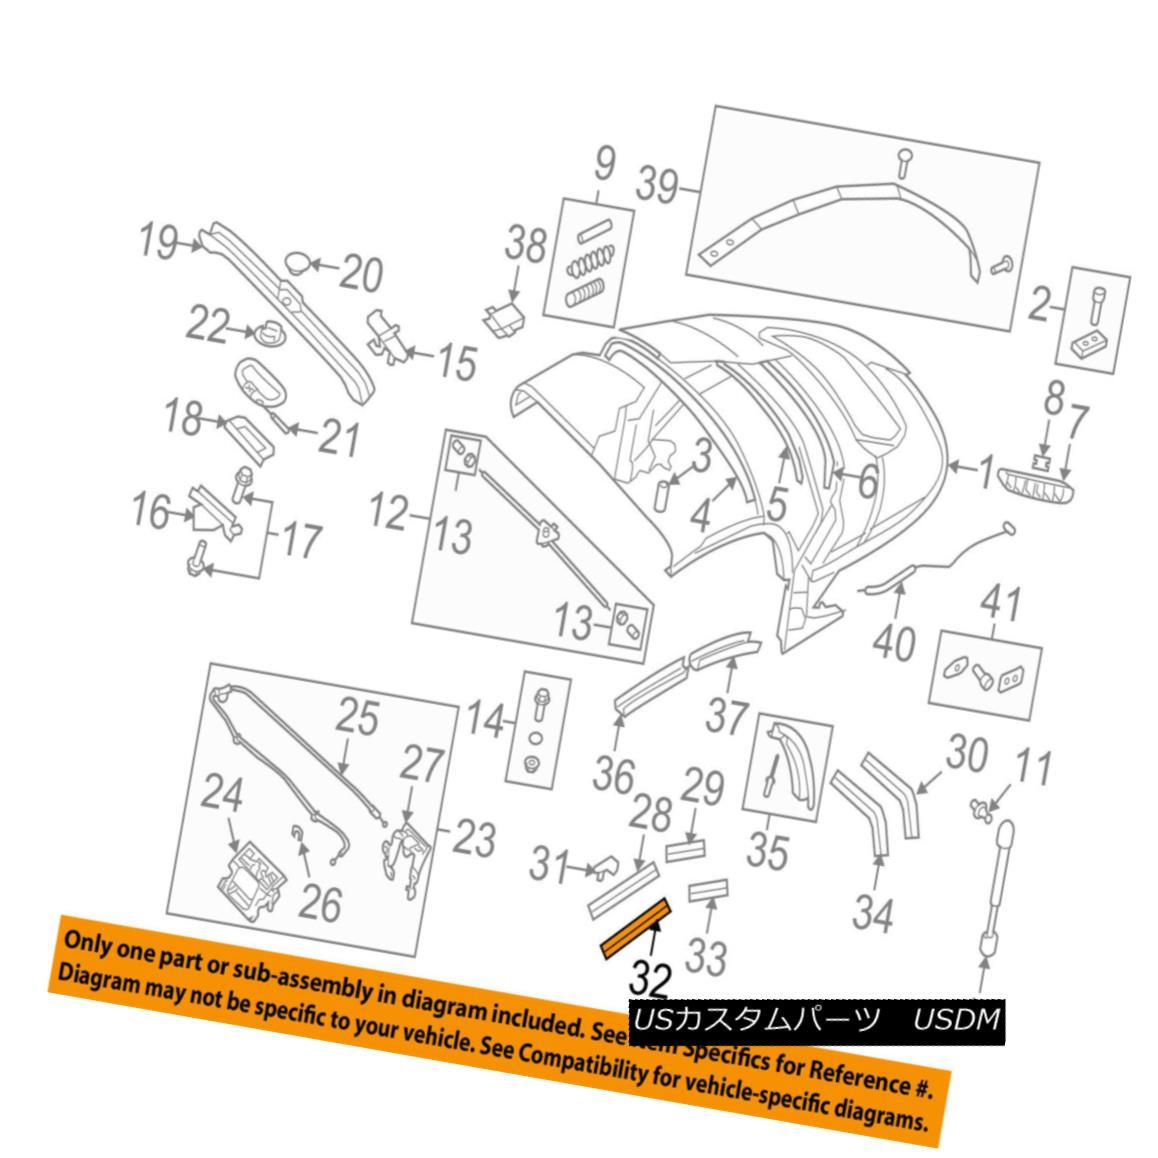 幌・ソフトトップ AUDI OEM 08-15 TT Quattro Convertible/soft Top-Channel Gasket Right 8J7871456 AUDI OEM 08-15 TT Quattro Convertible / so ftトップチャンネルガスケット右8J7871456